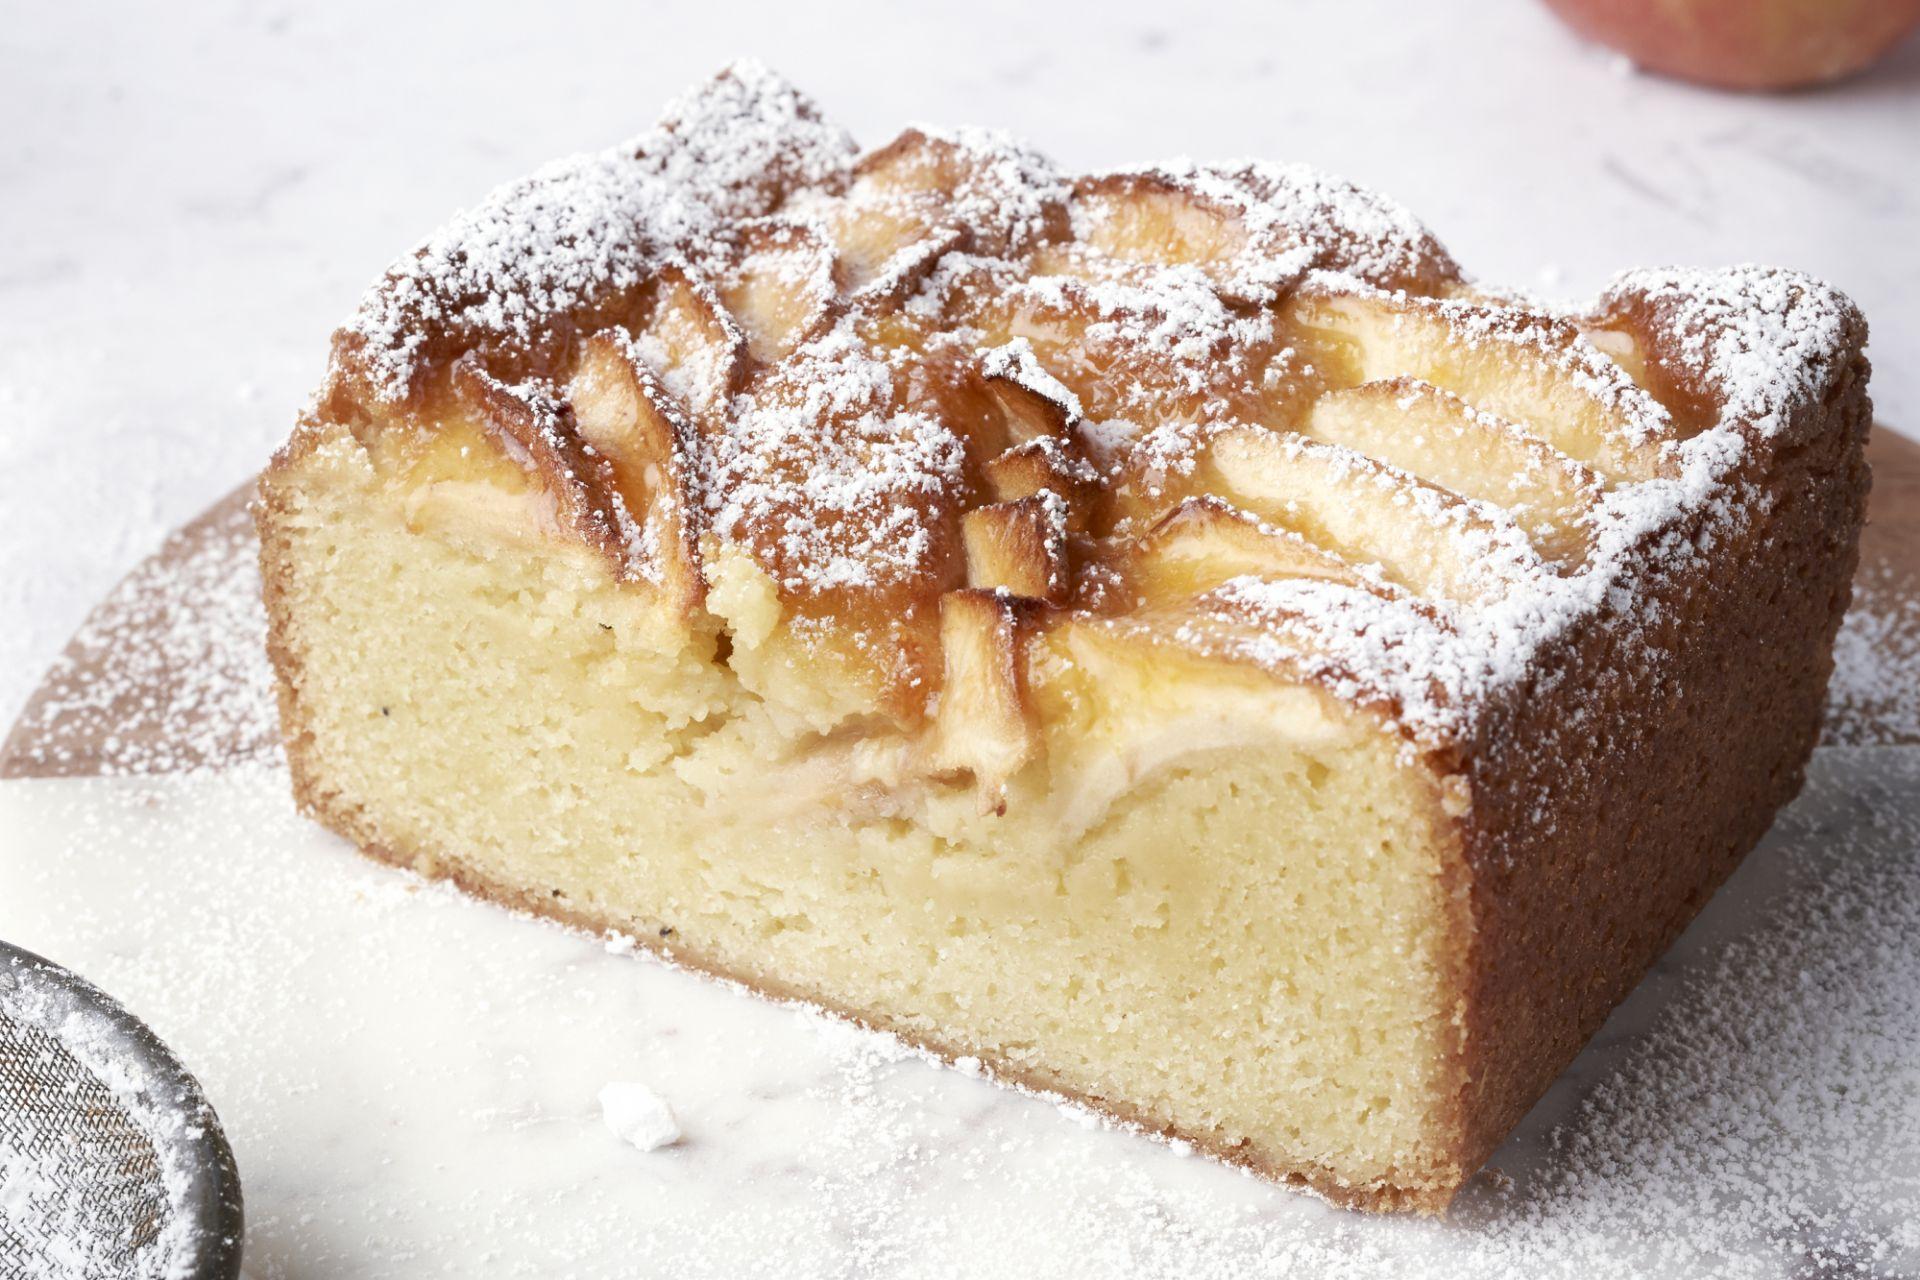 4/4de cake met appel